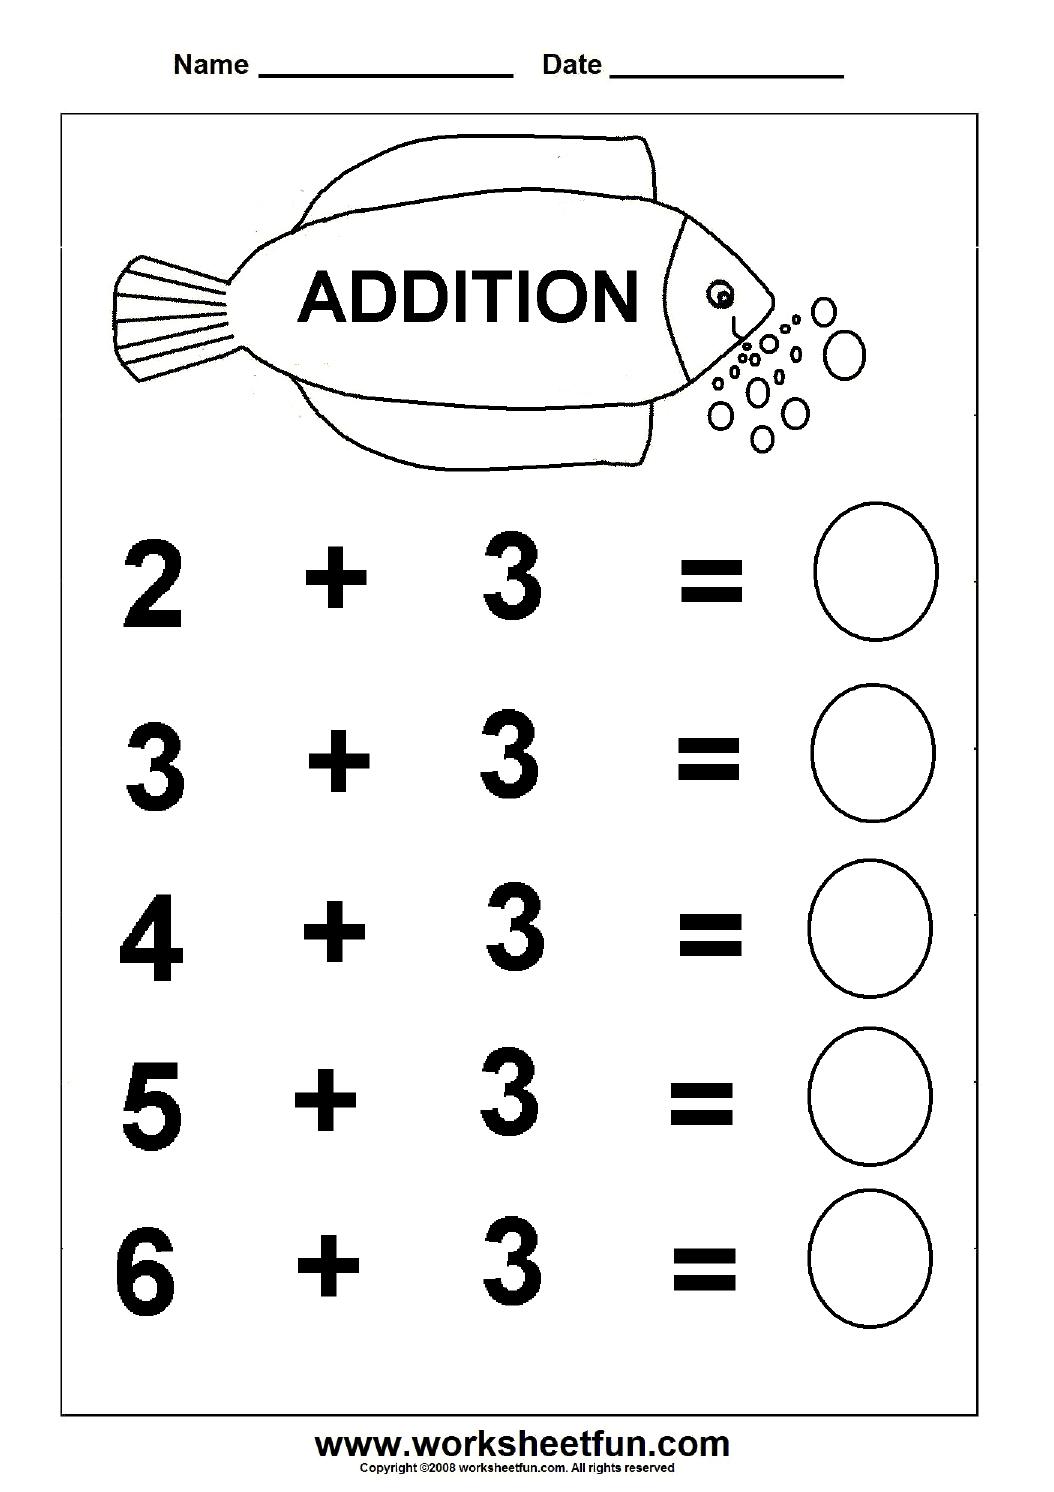 Beginner Addition – 6 Kindergarten Addition Worksheets  Free For Kindergarten Math Worksheets Addition